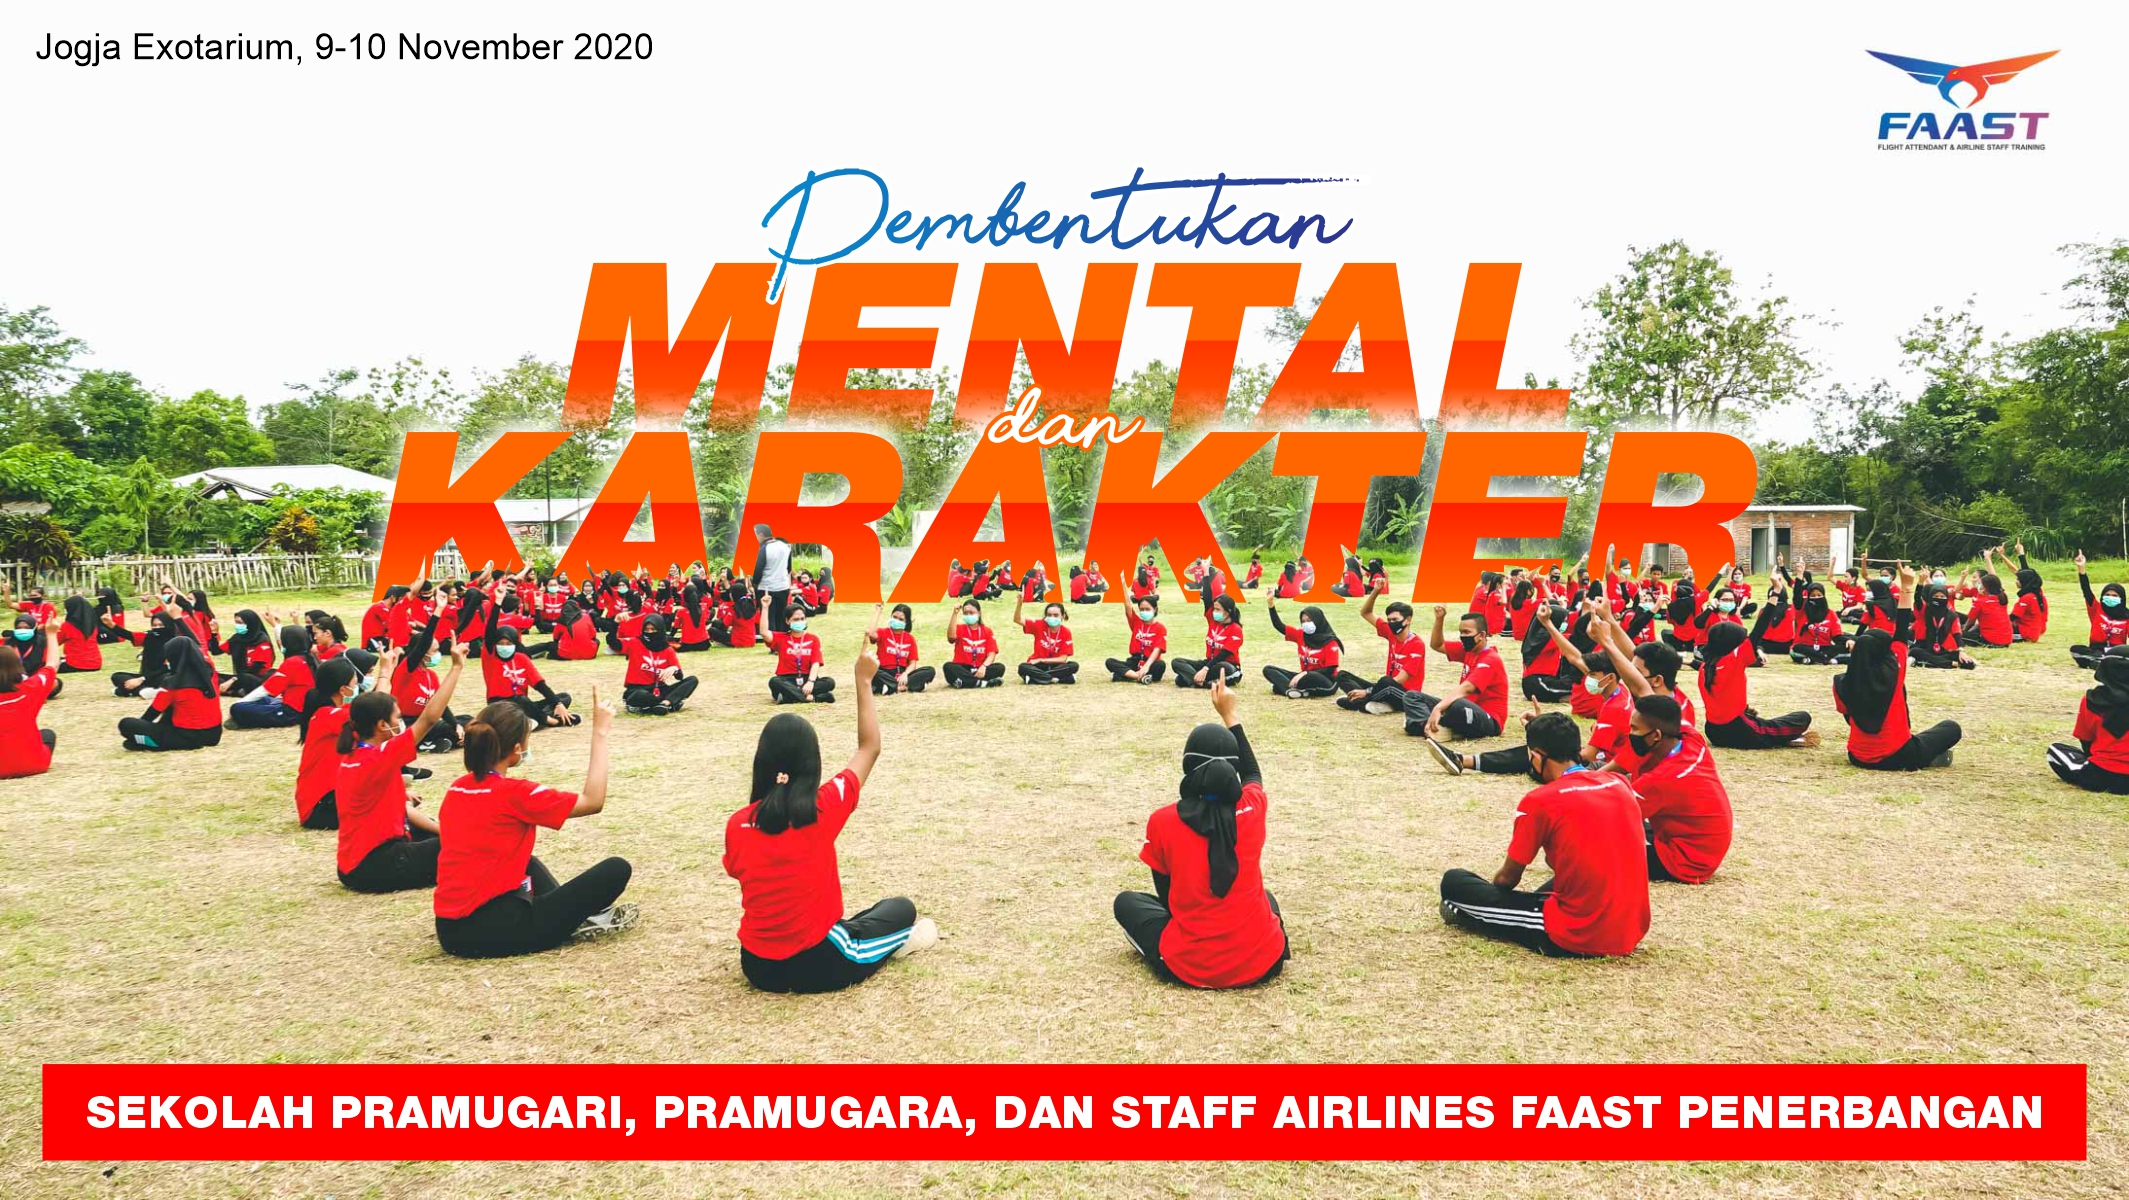 Outbond Sekolah Pramugari, Pramugara, dan Staff Airlines FAAST Penerbangan 2